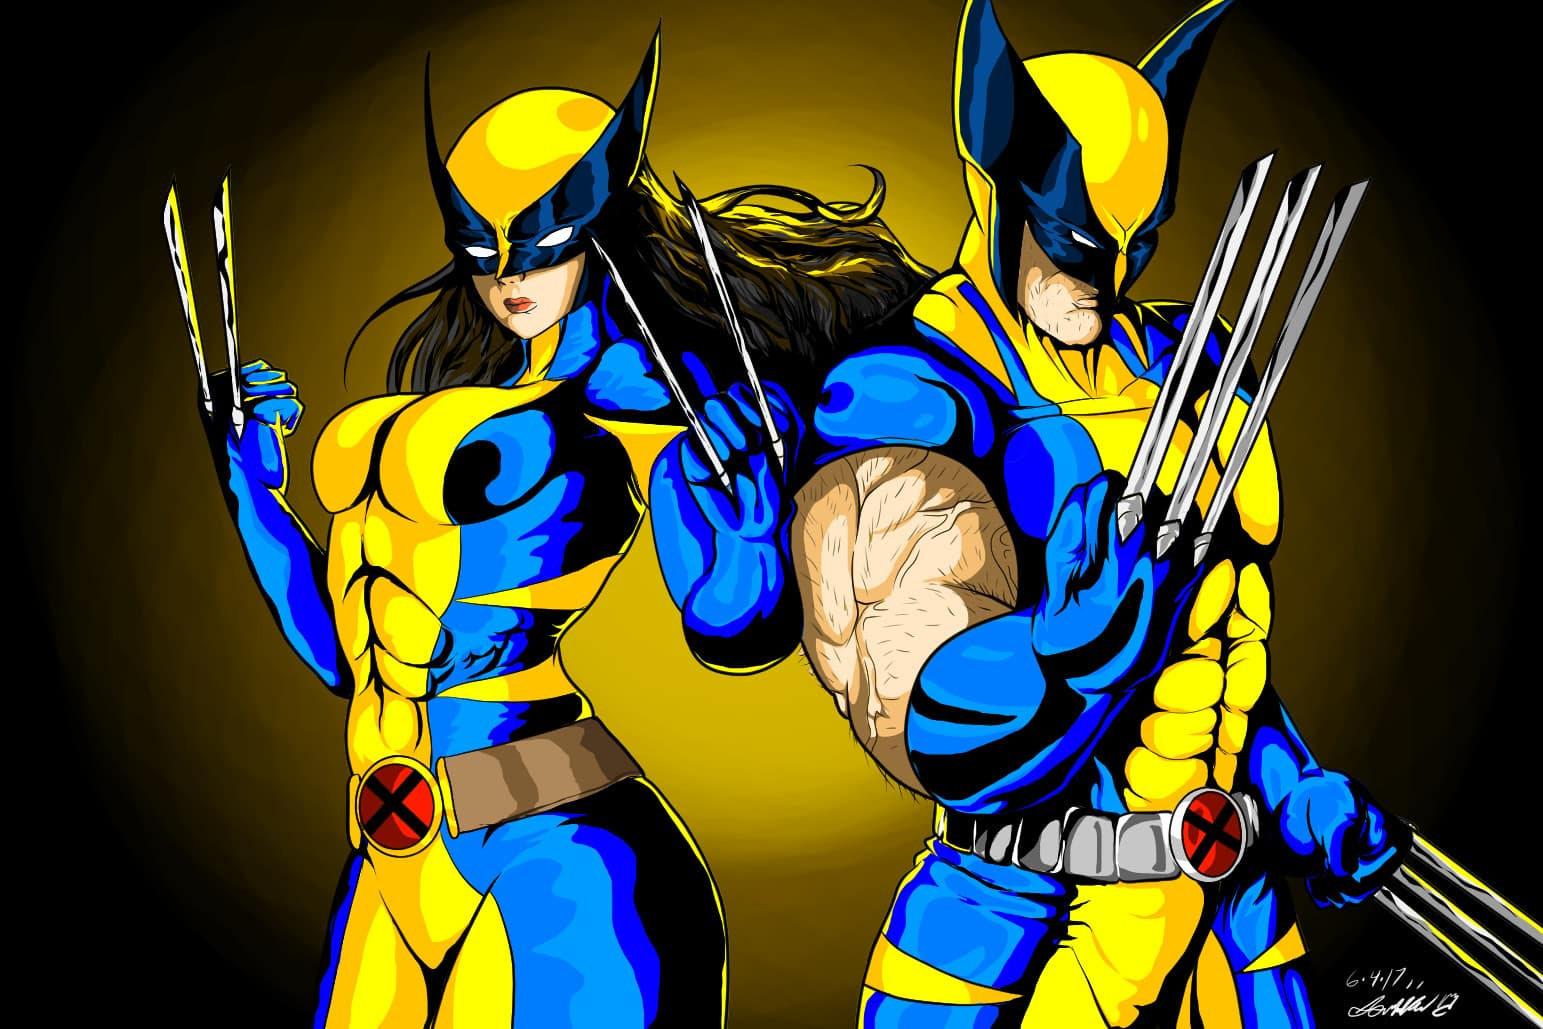 Wolverine, quem é? Origem, história e curiosidades sobre o herói